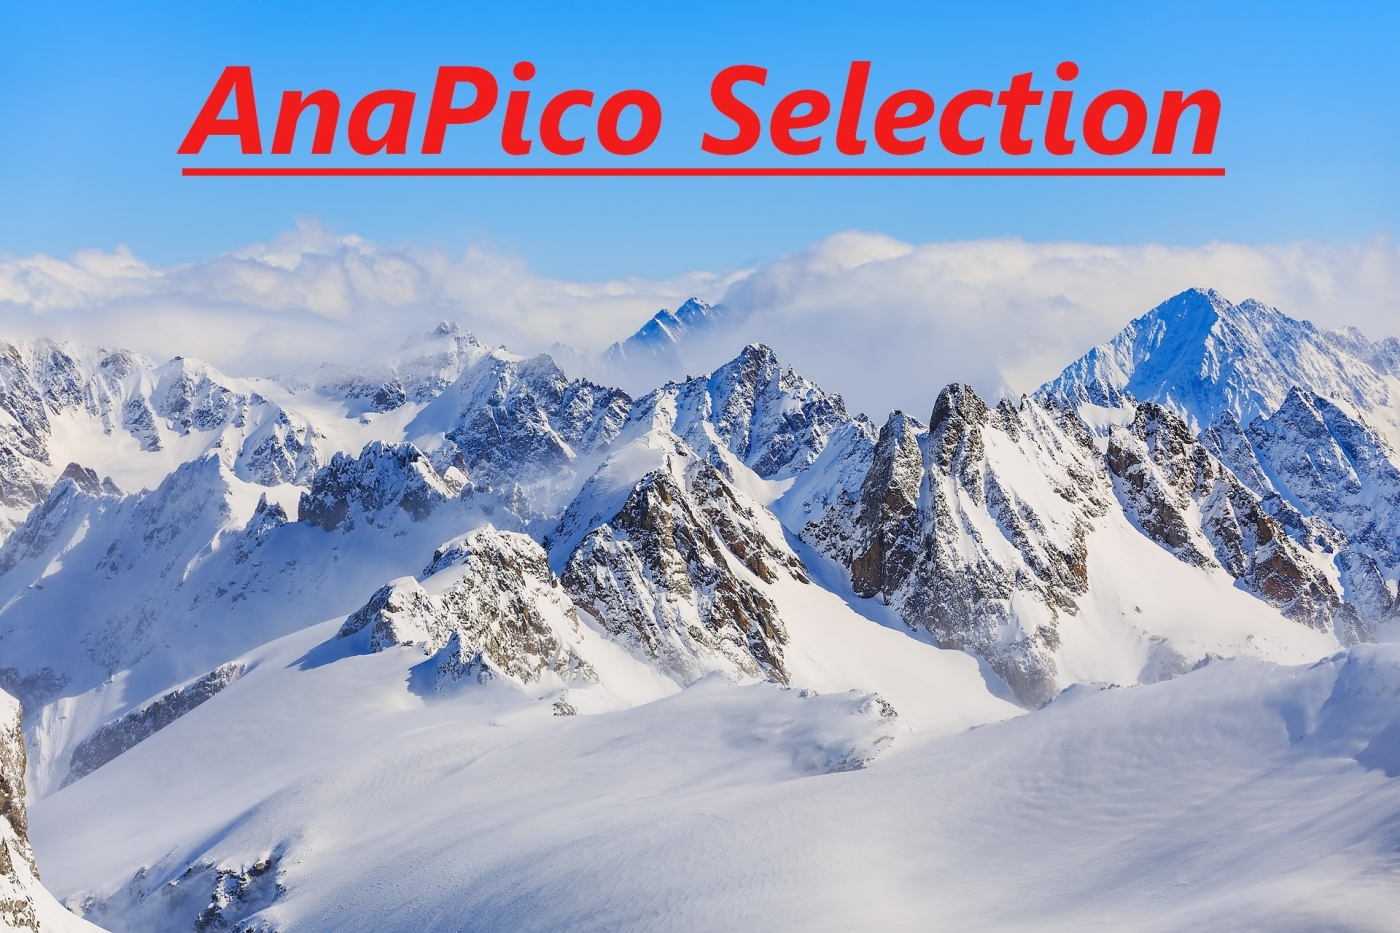 Выигрыш в цене до 37% с программой AnaPico Selection